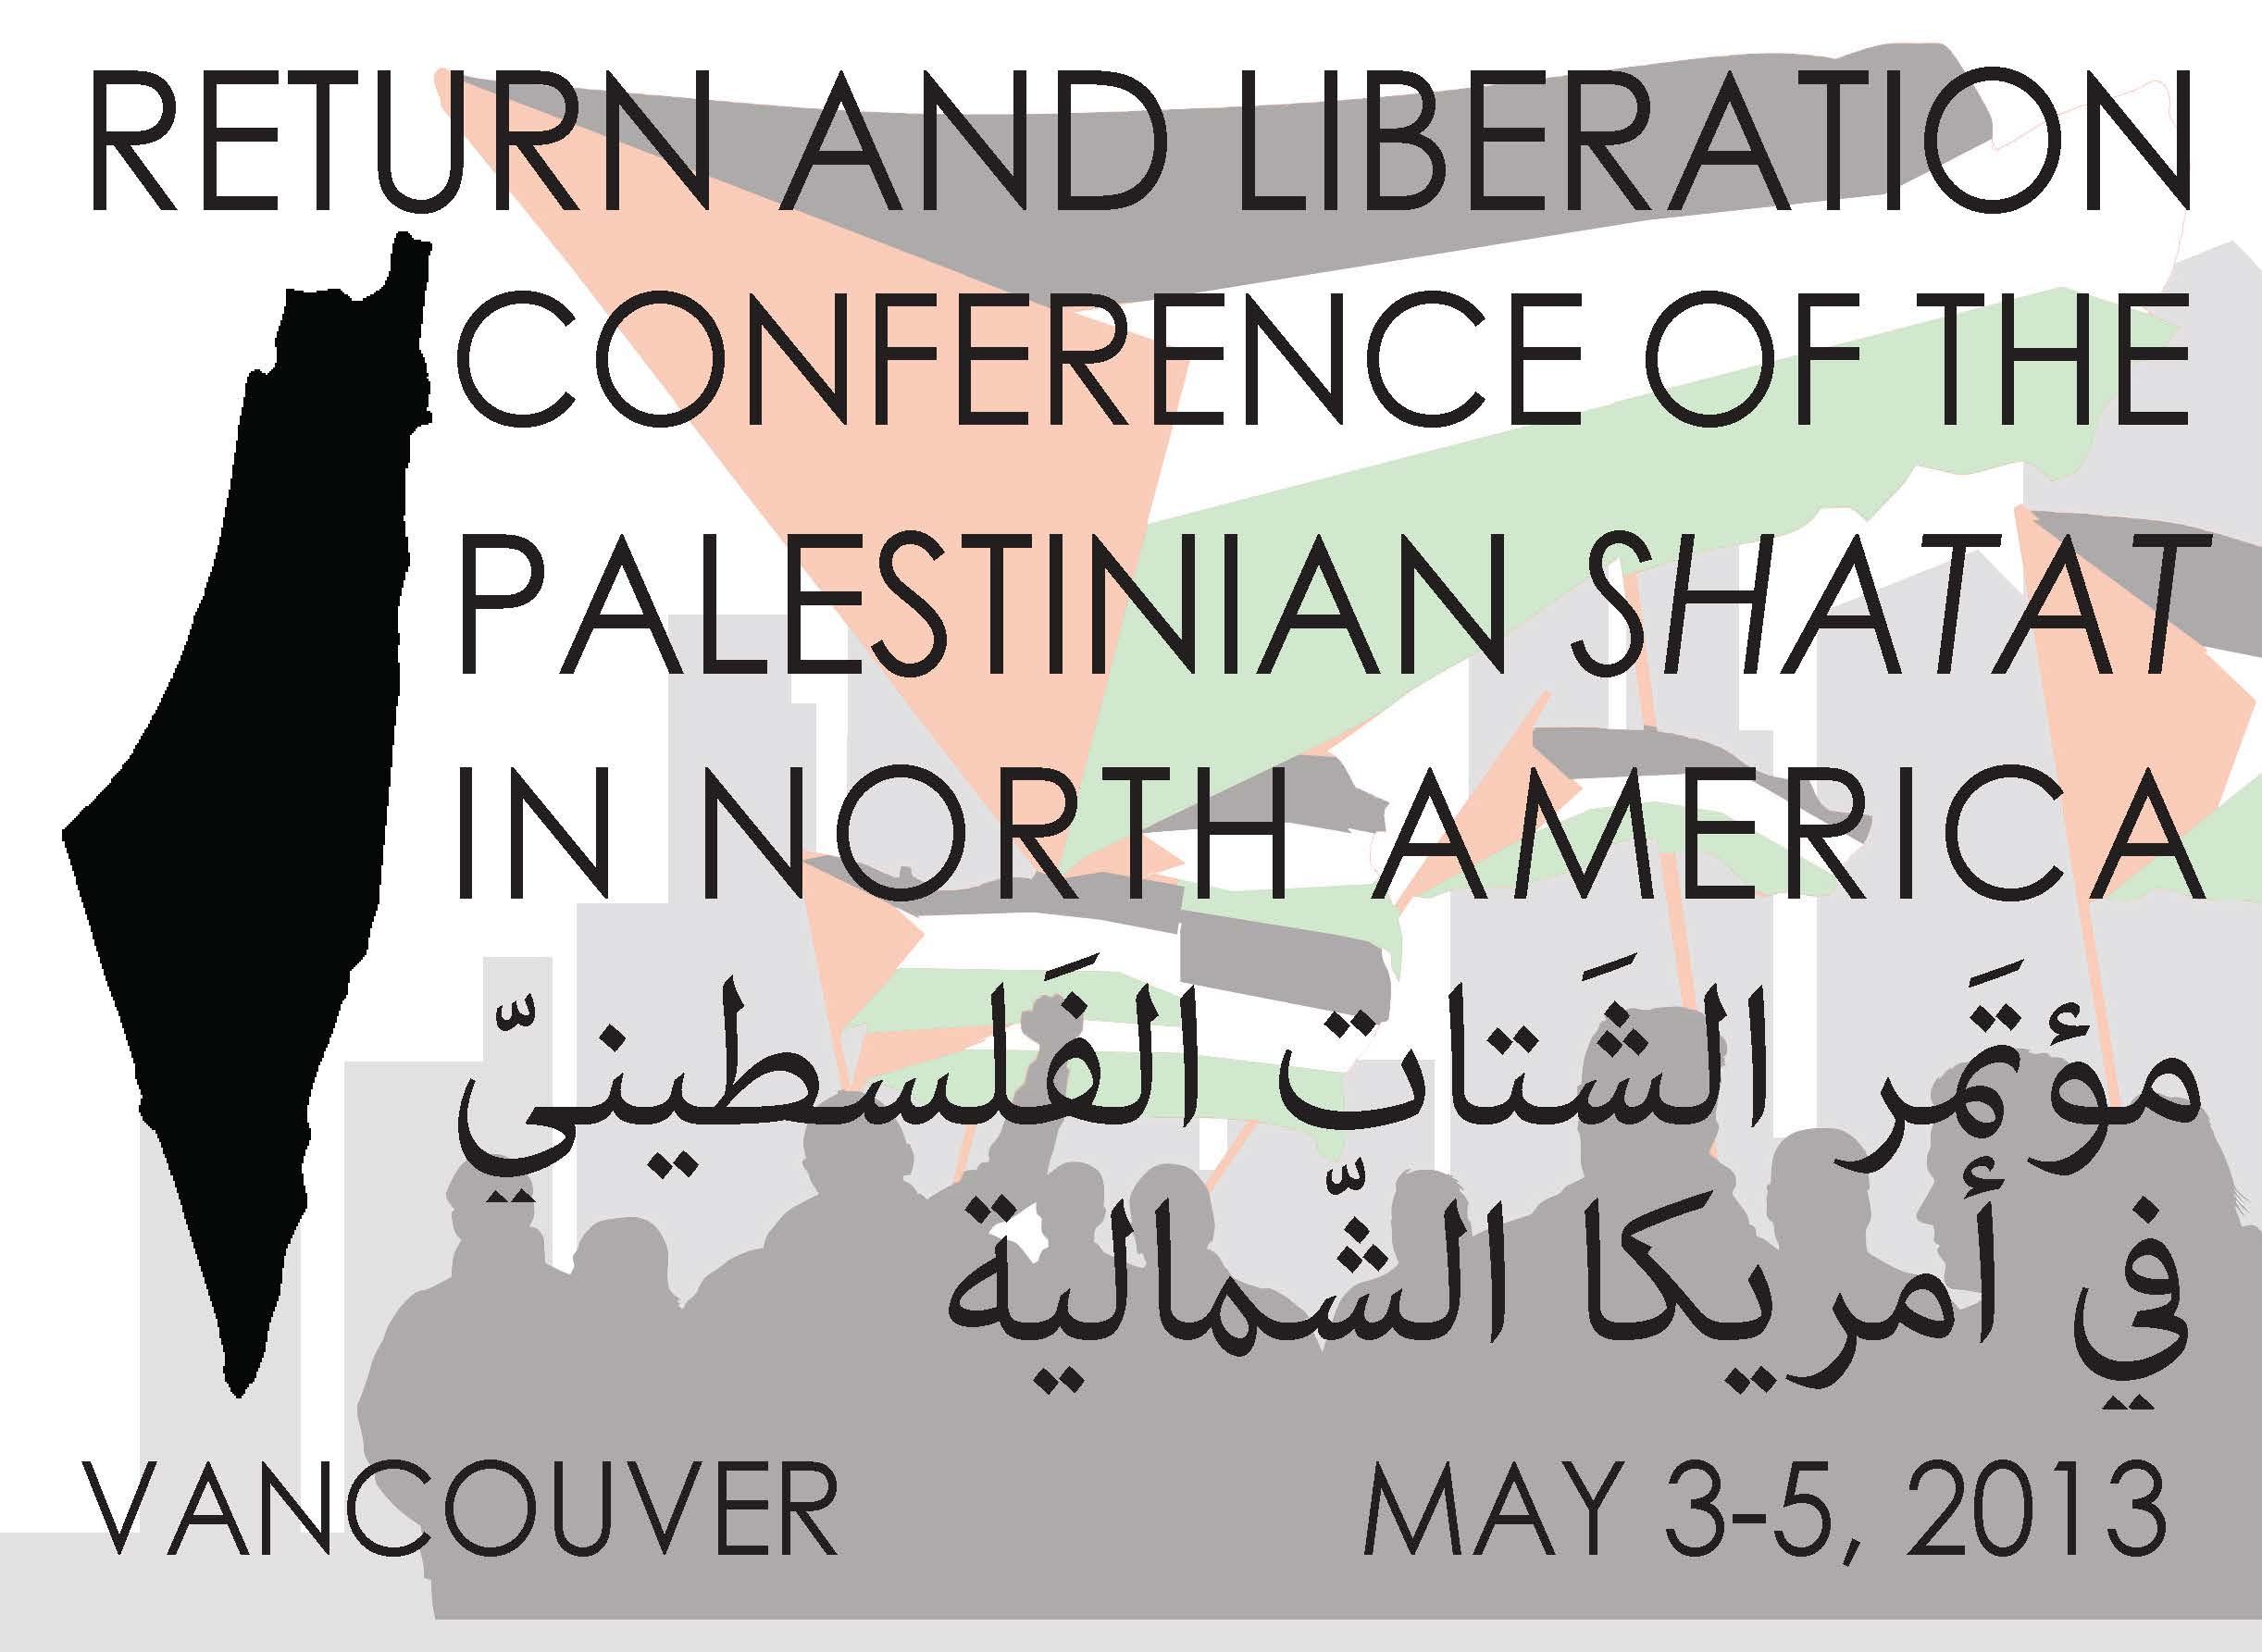 """تحت شعار """" طريقنا العودة و التحرير """" مُؤتمر للشتات الفلسطيني في أمريكا الشمالية في مايو / أيار القادم"""